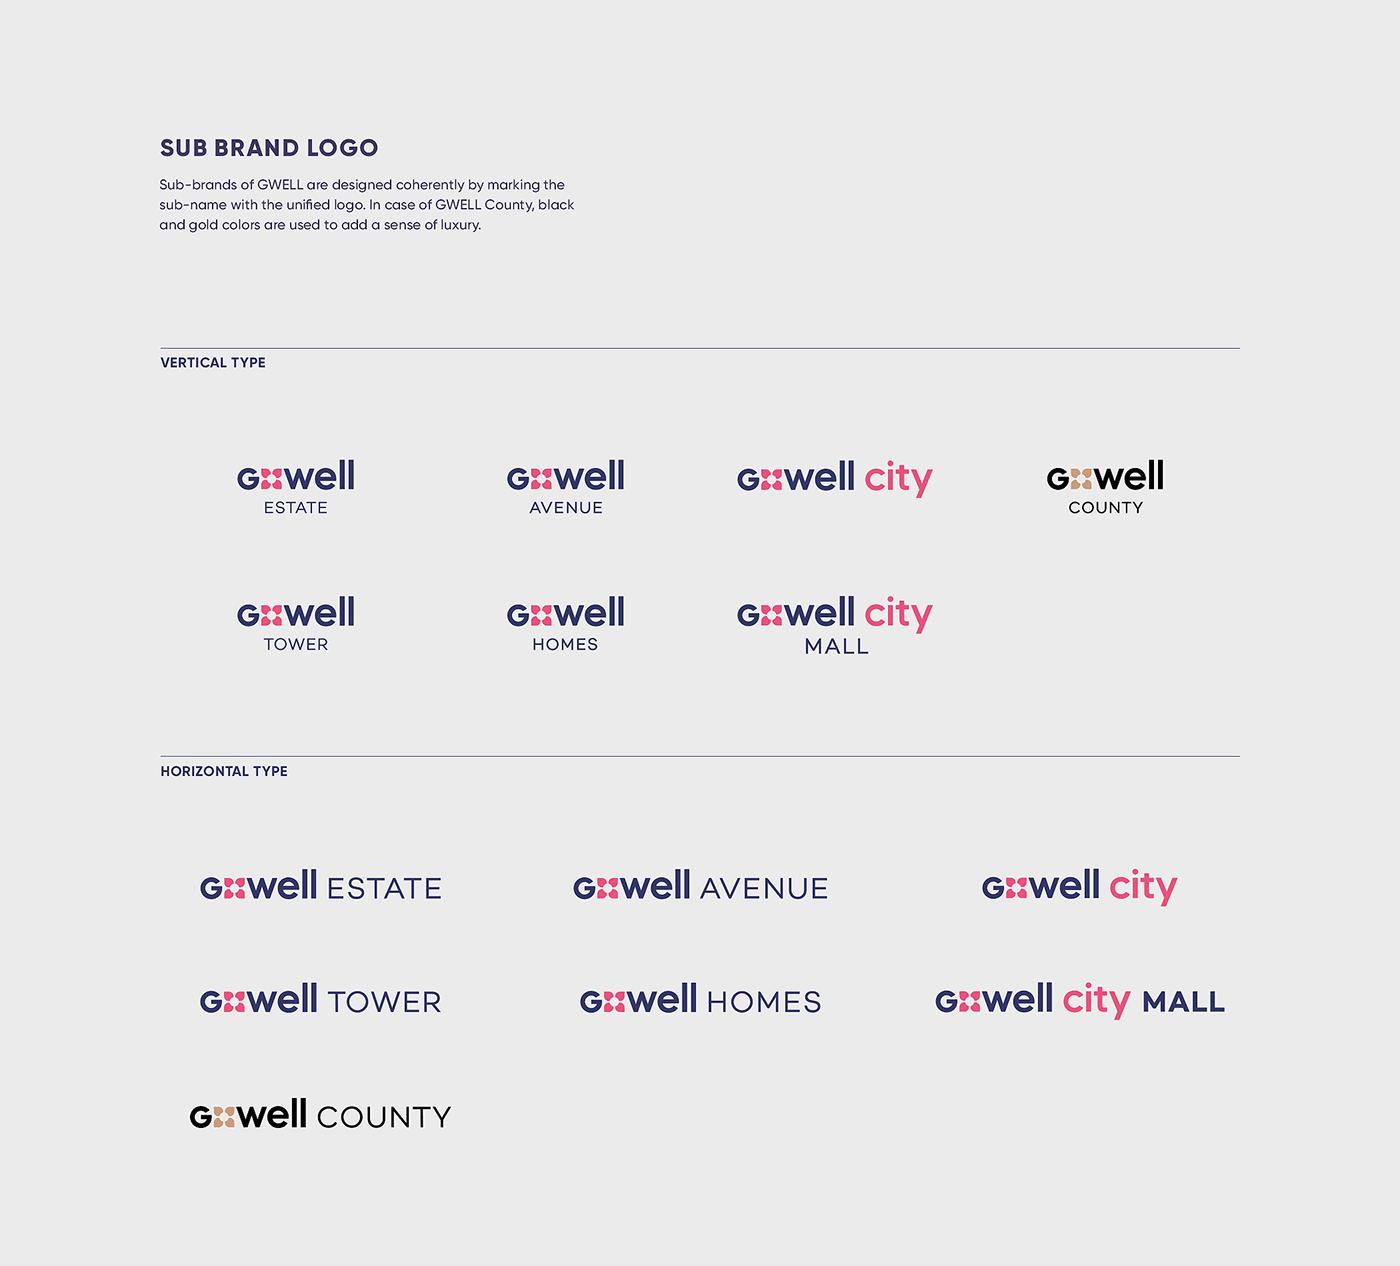 GWELL房地产品牌升级 欣赏-第3张